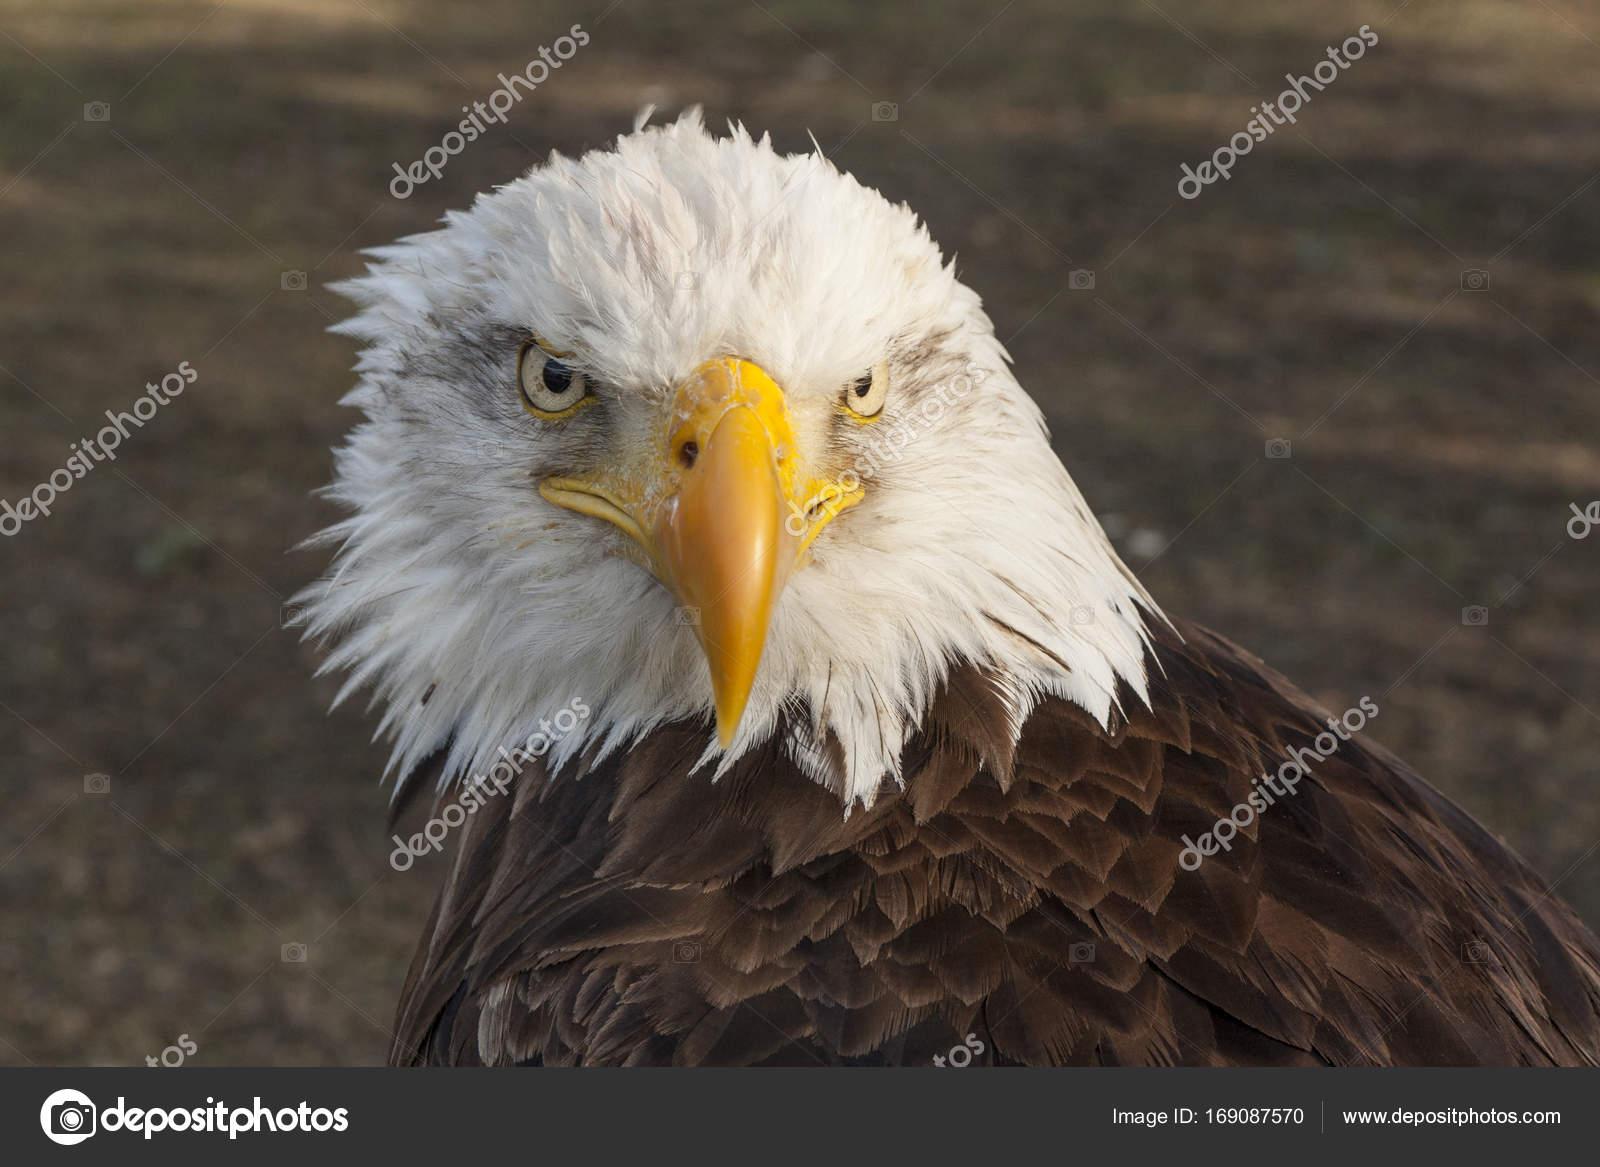 Bald Eagle Usa And Canada Stock Photo Pluto51 169087570